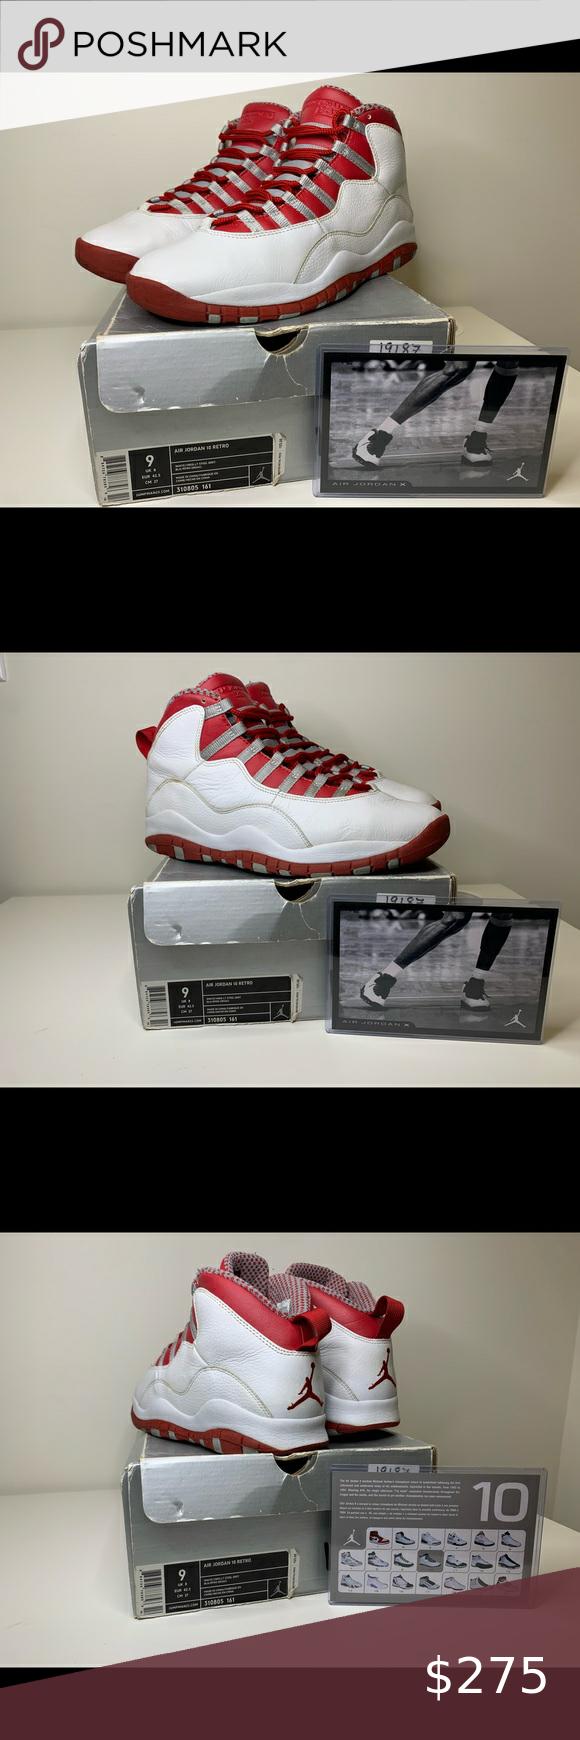 """Air Jordan 10 Retro """"Red Steel"""" in 2020"""